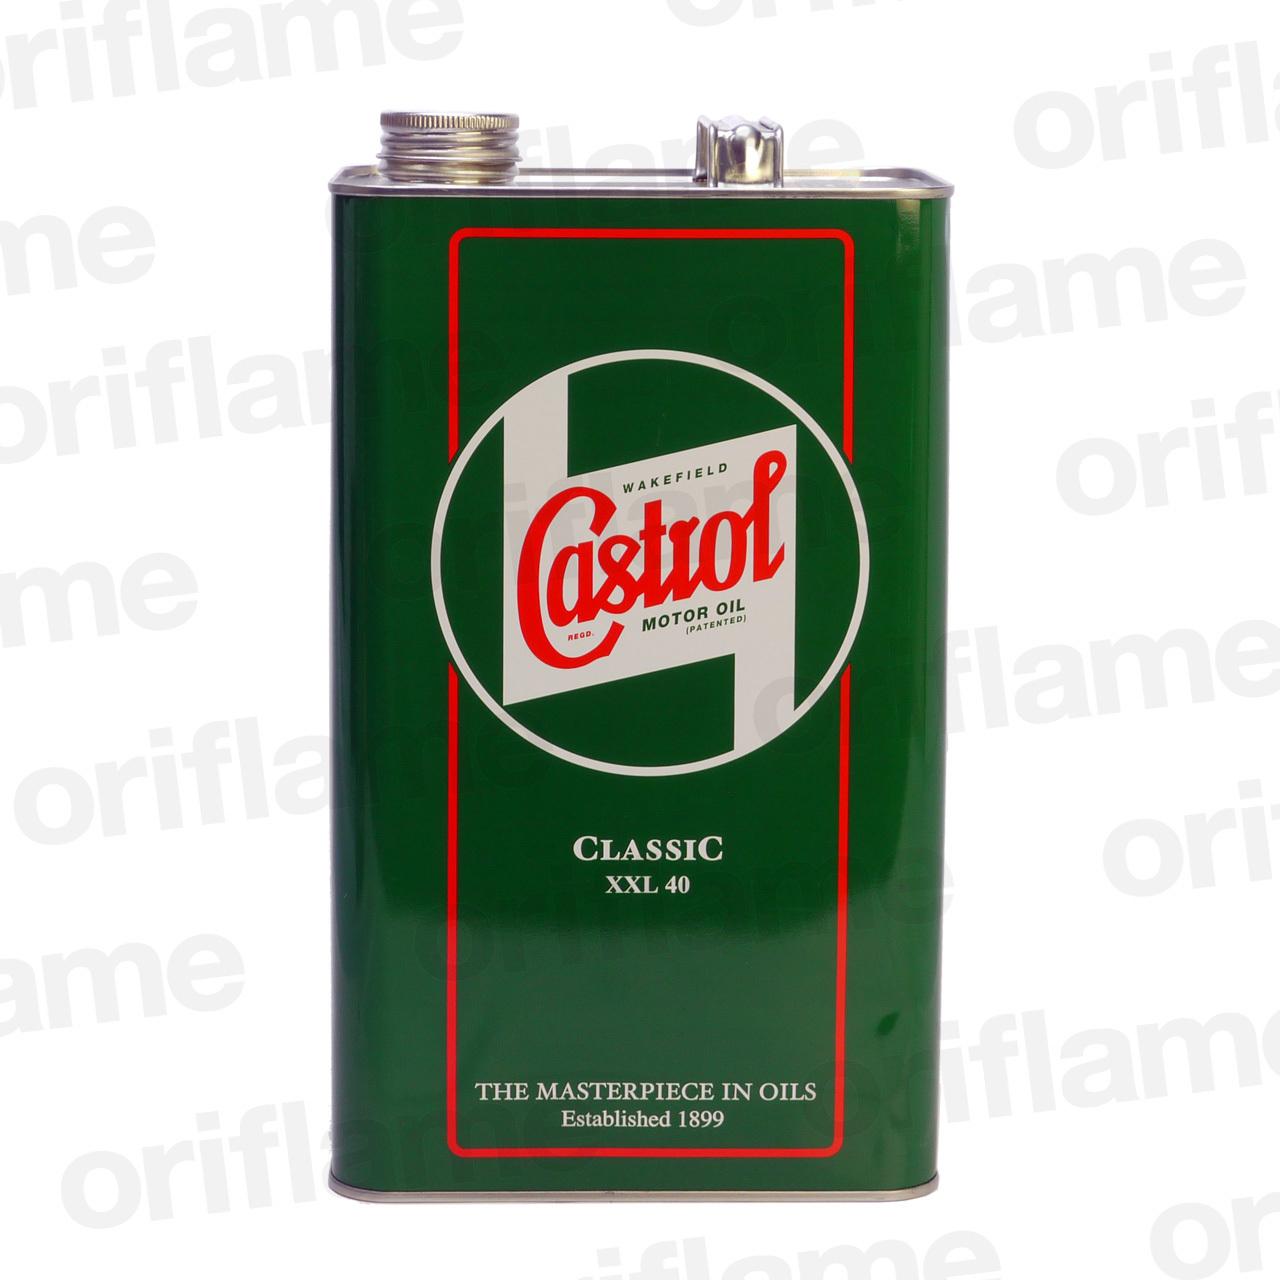 Castrol・カストロール・クラシック・オイル XXL 40  5L 鉱物油